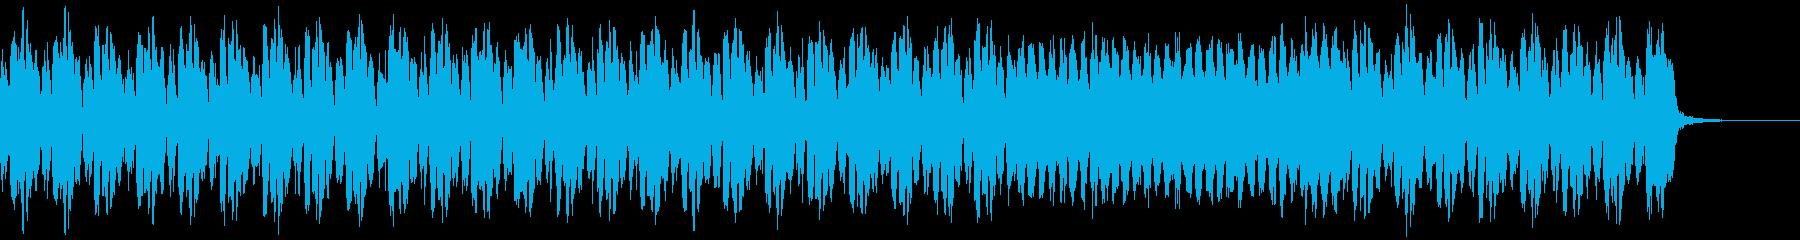 【インスト】少しダークで癖のある曲調の再生済みの波形